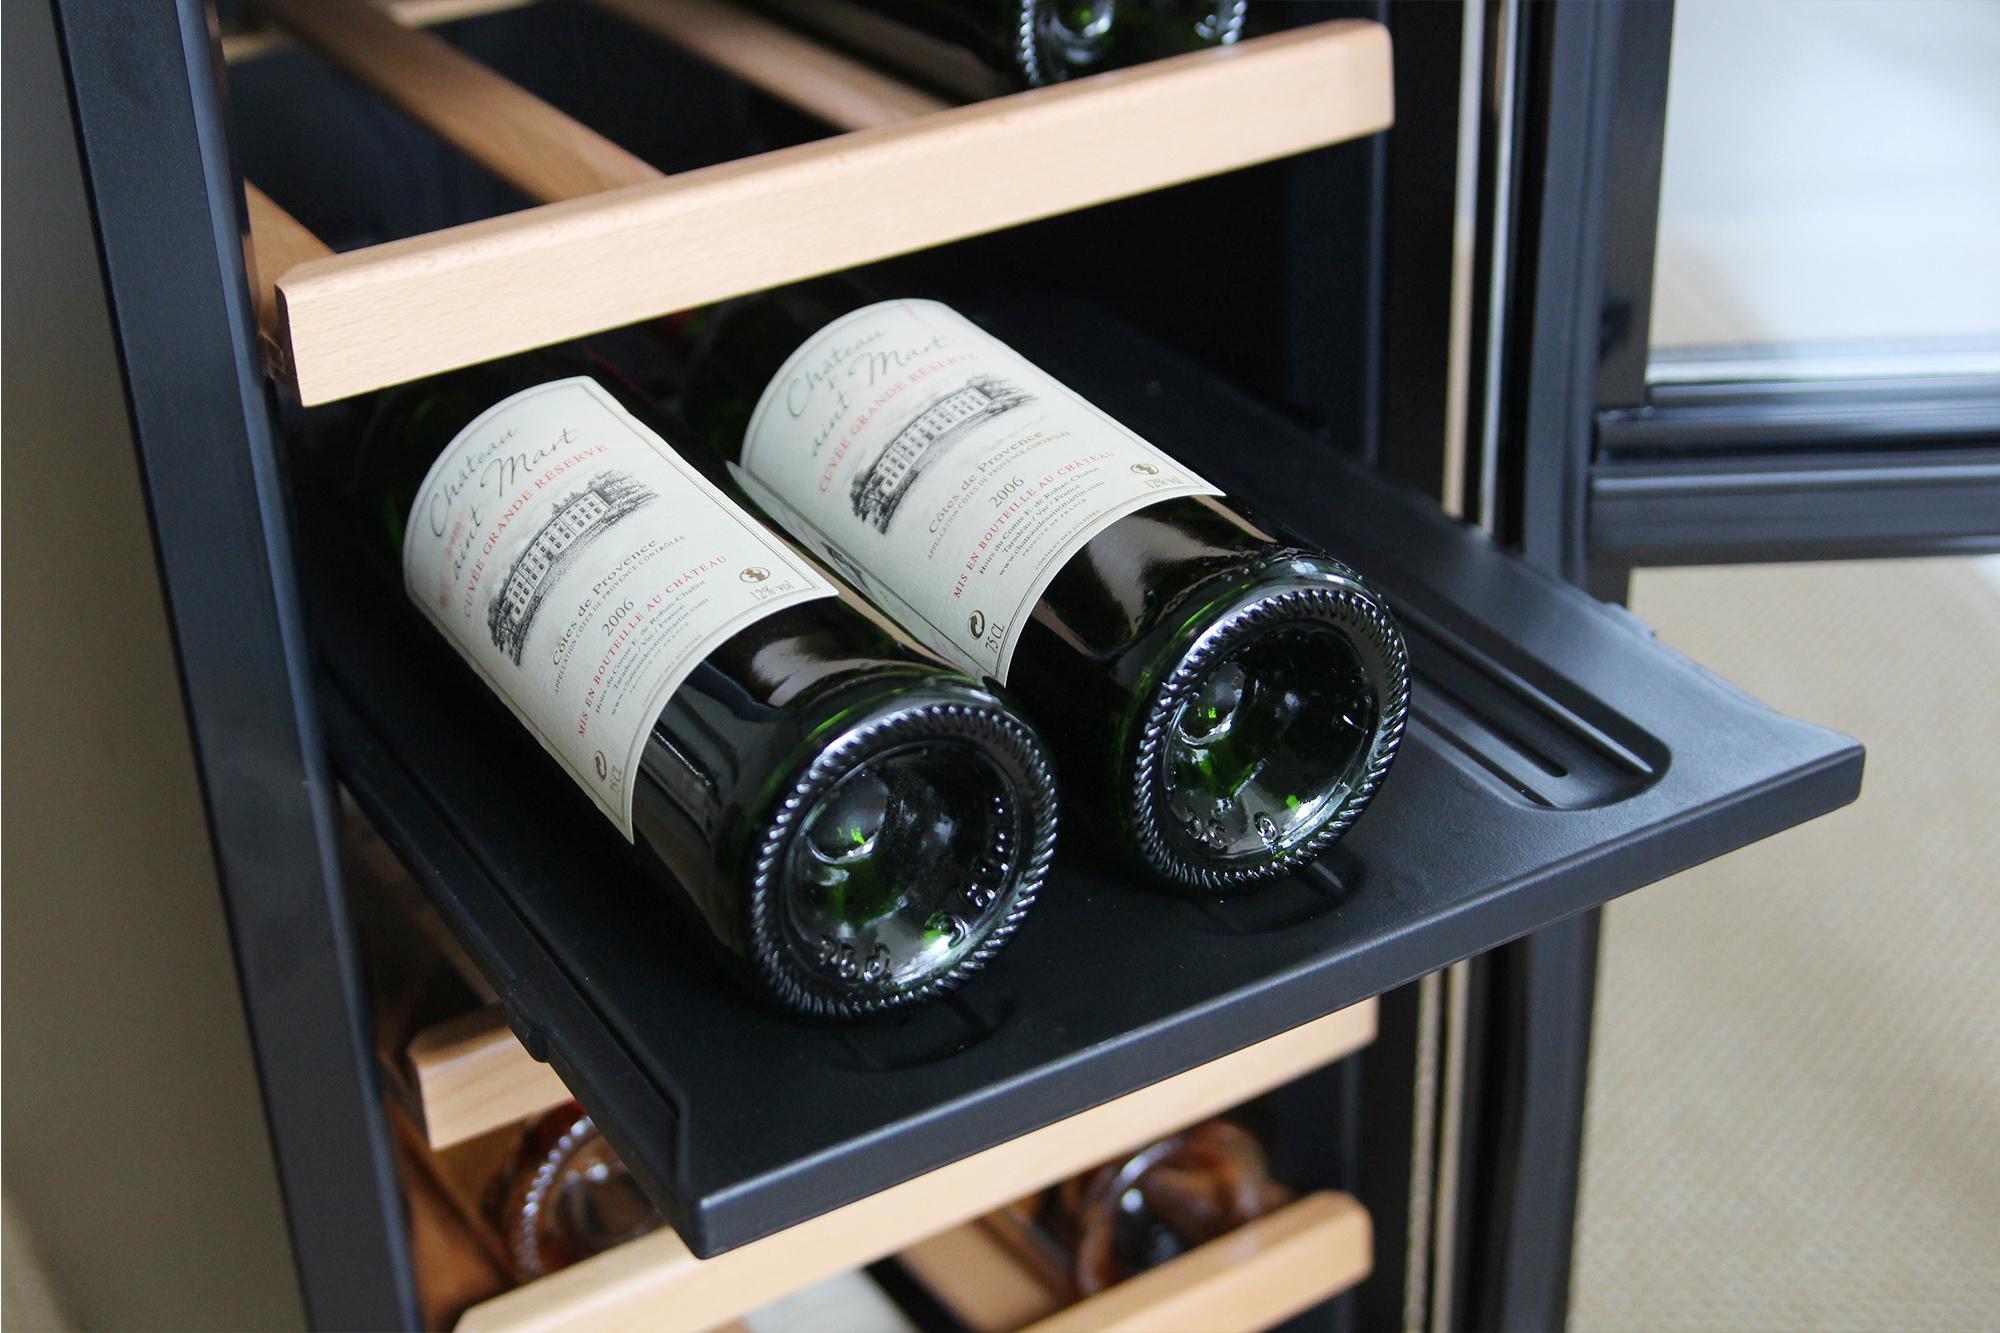 Fristående vinkyl - 24 flaskor - hyllor